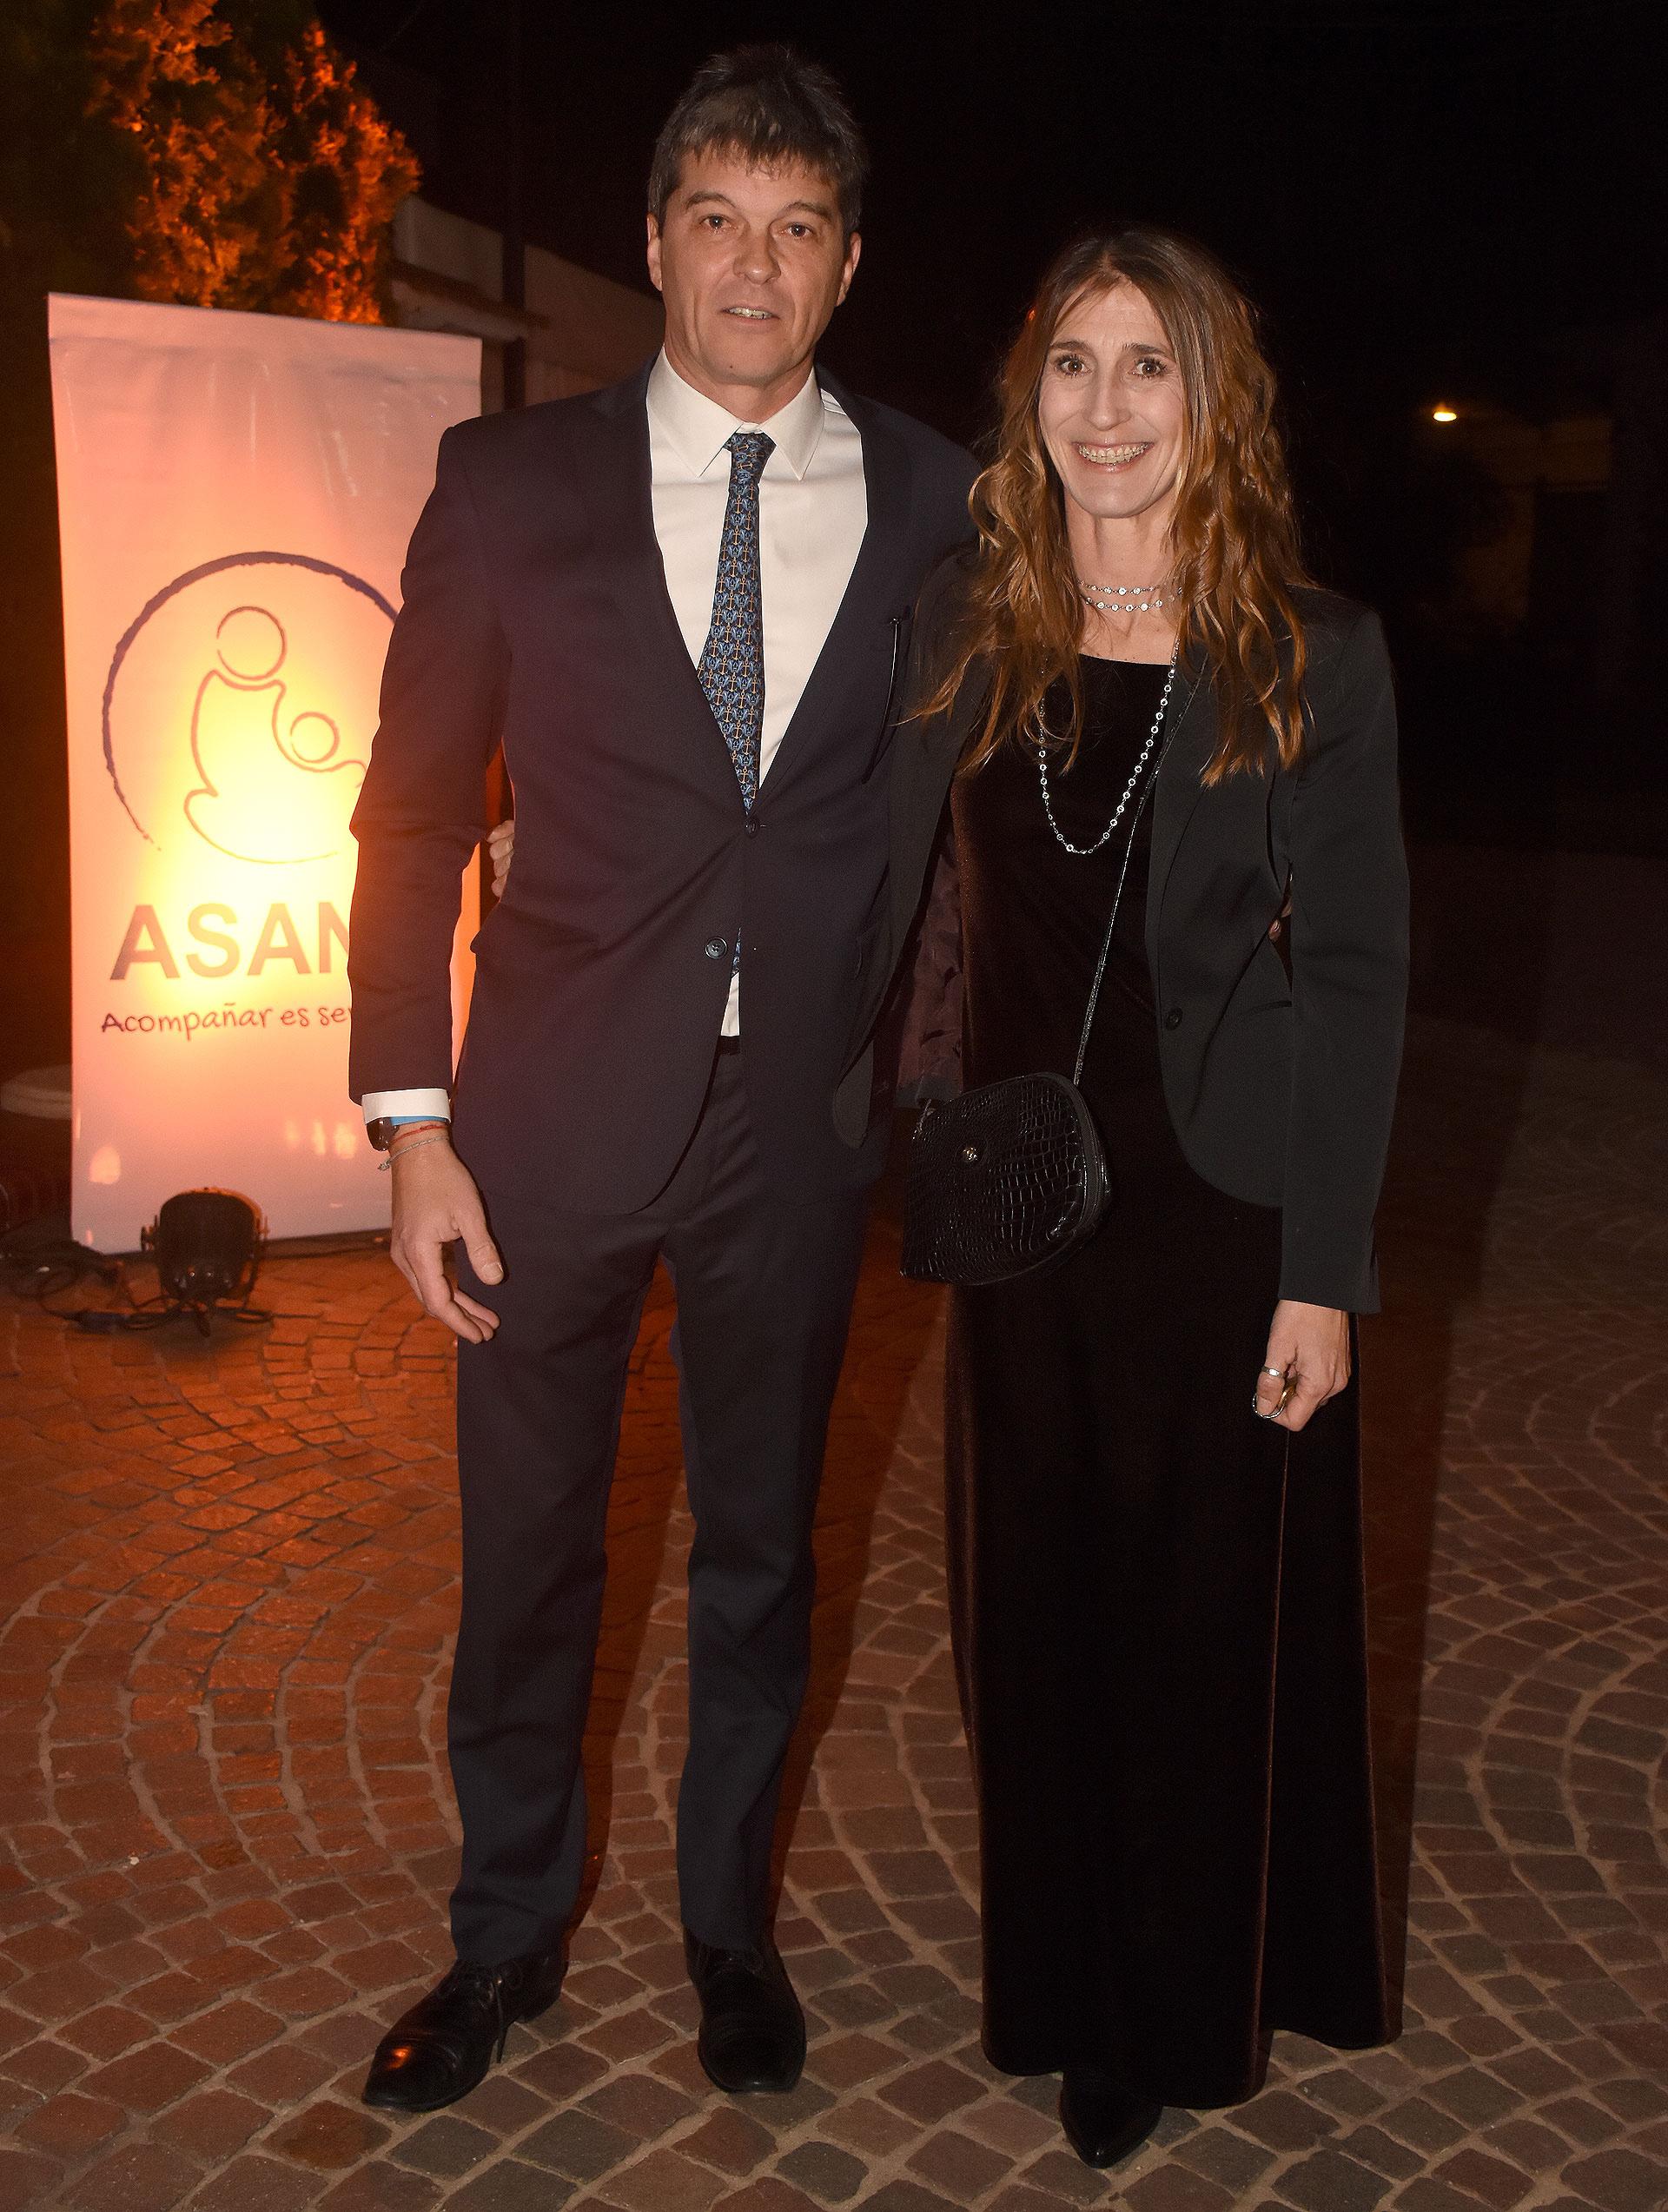 El presidente de ASANA, Christian Frers, junto a su hermana Mercedes, en la cena anual a beneficio de la entidad que ayuda a jóvenes y adultos (a partir de los 18 años) con discapacidad mental severa